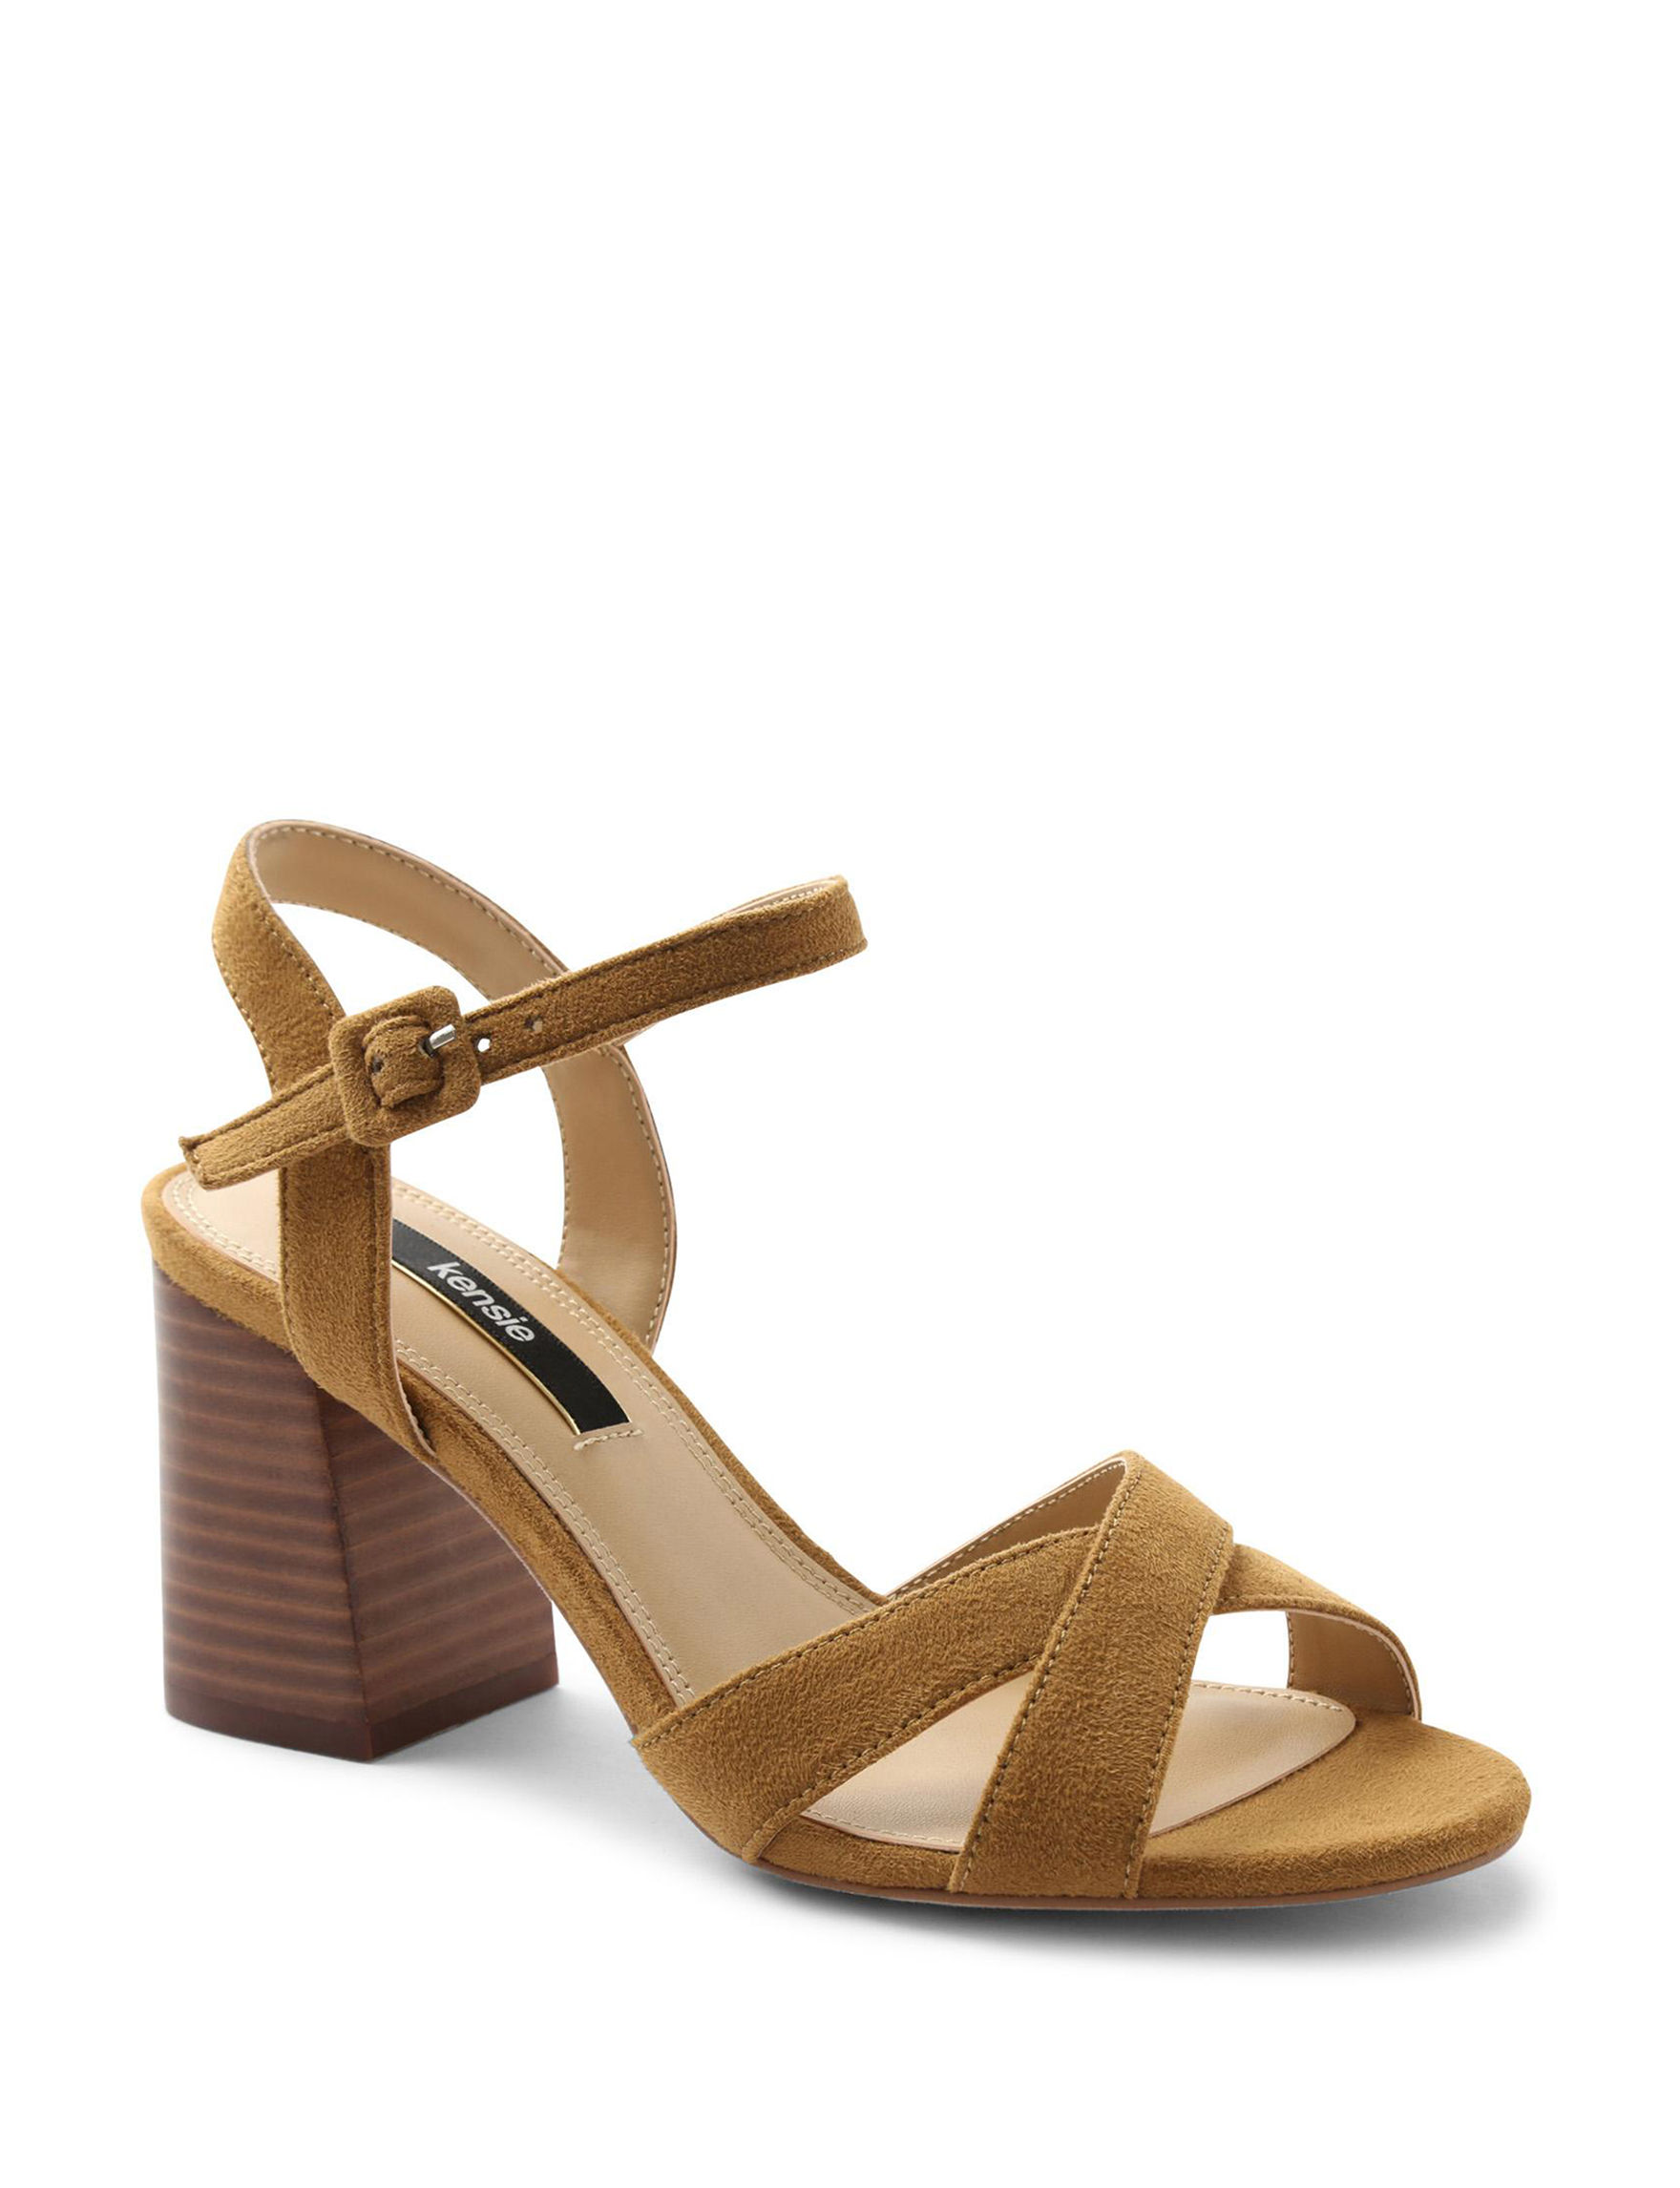 Kensie Tan Heeled Sandals